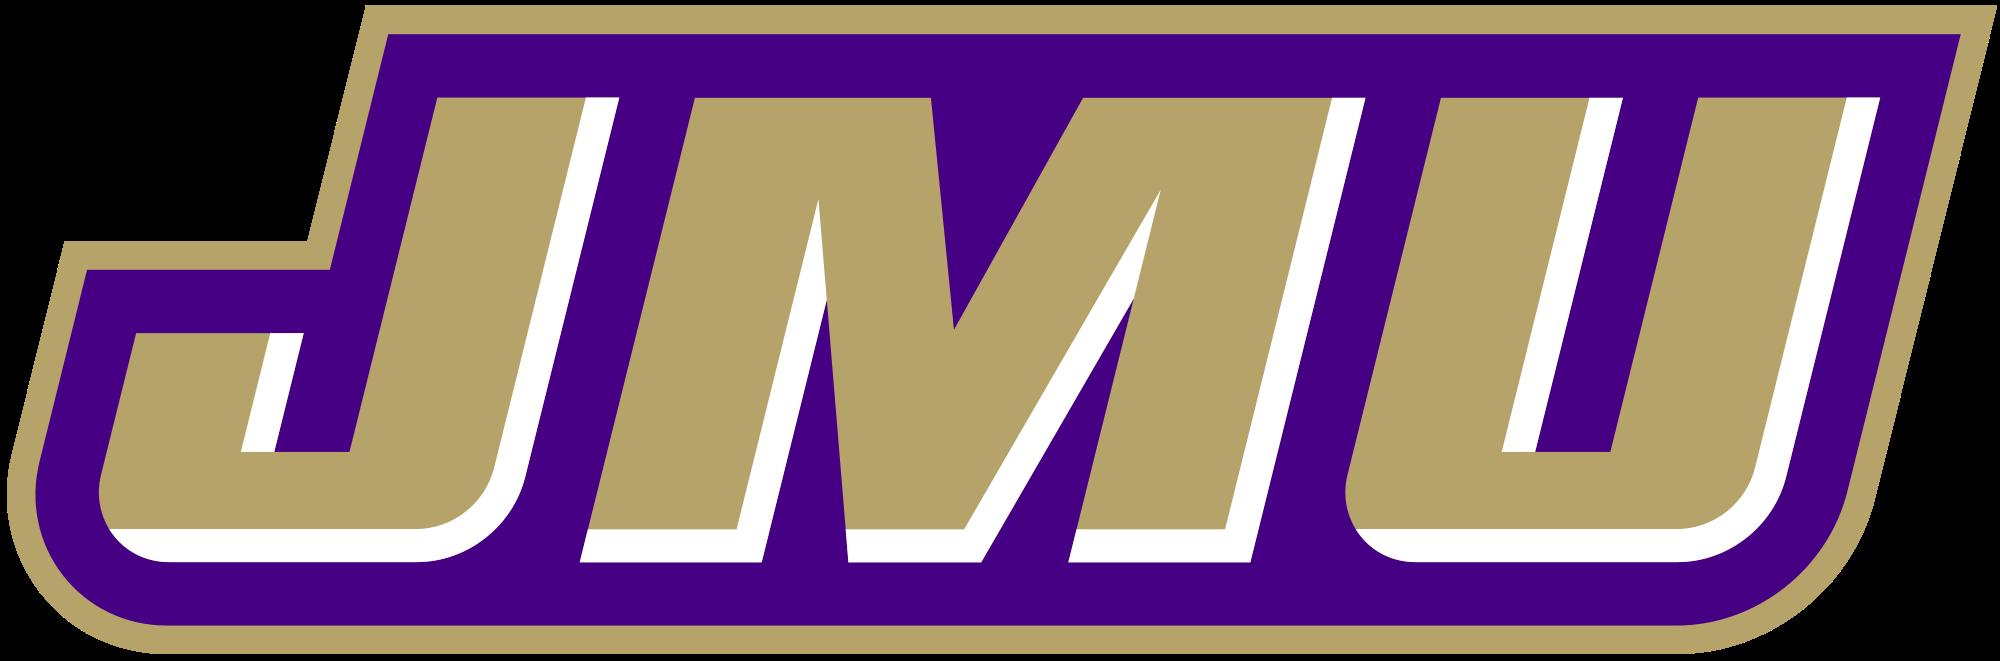 James_Madison_University_Athletics_logo.png